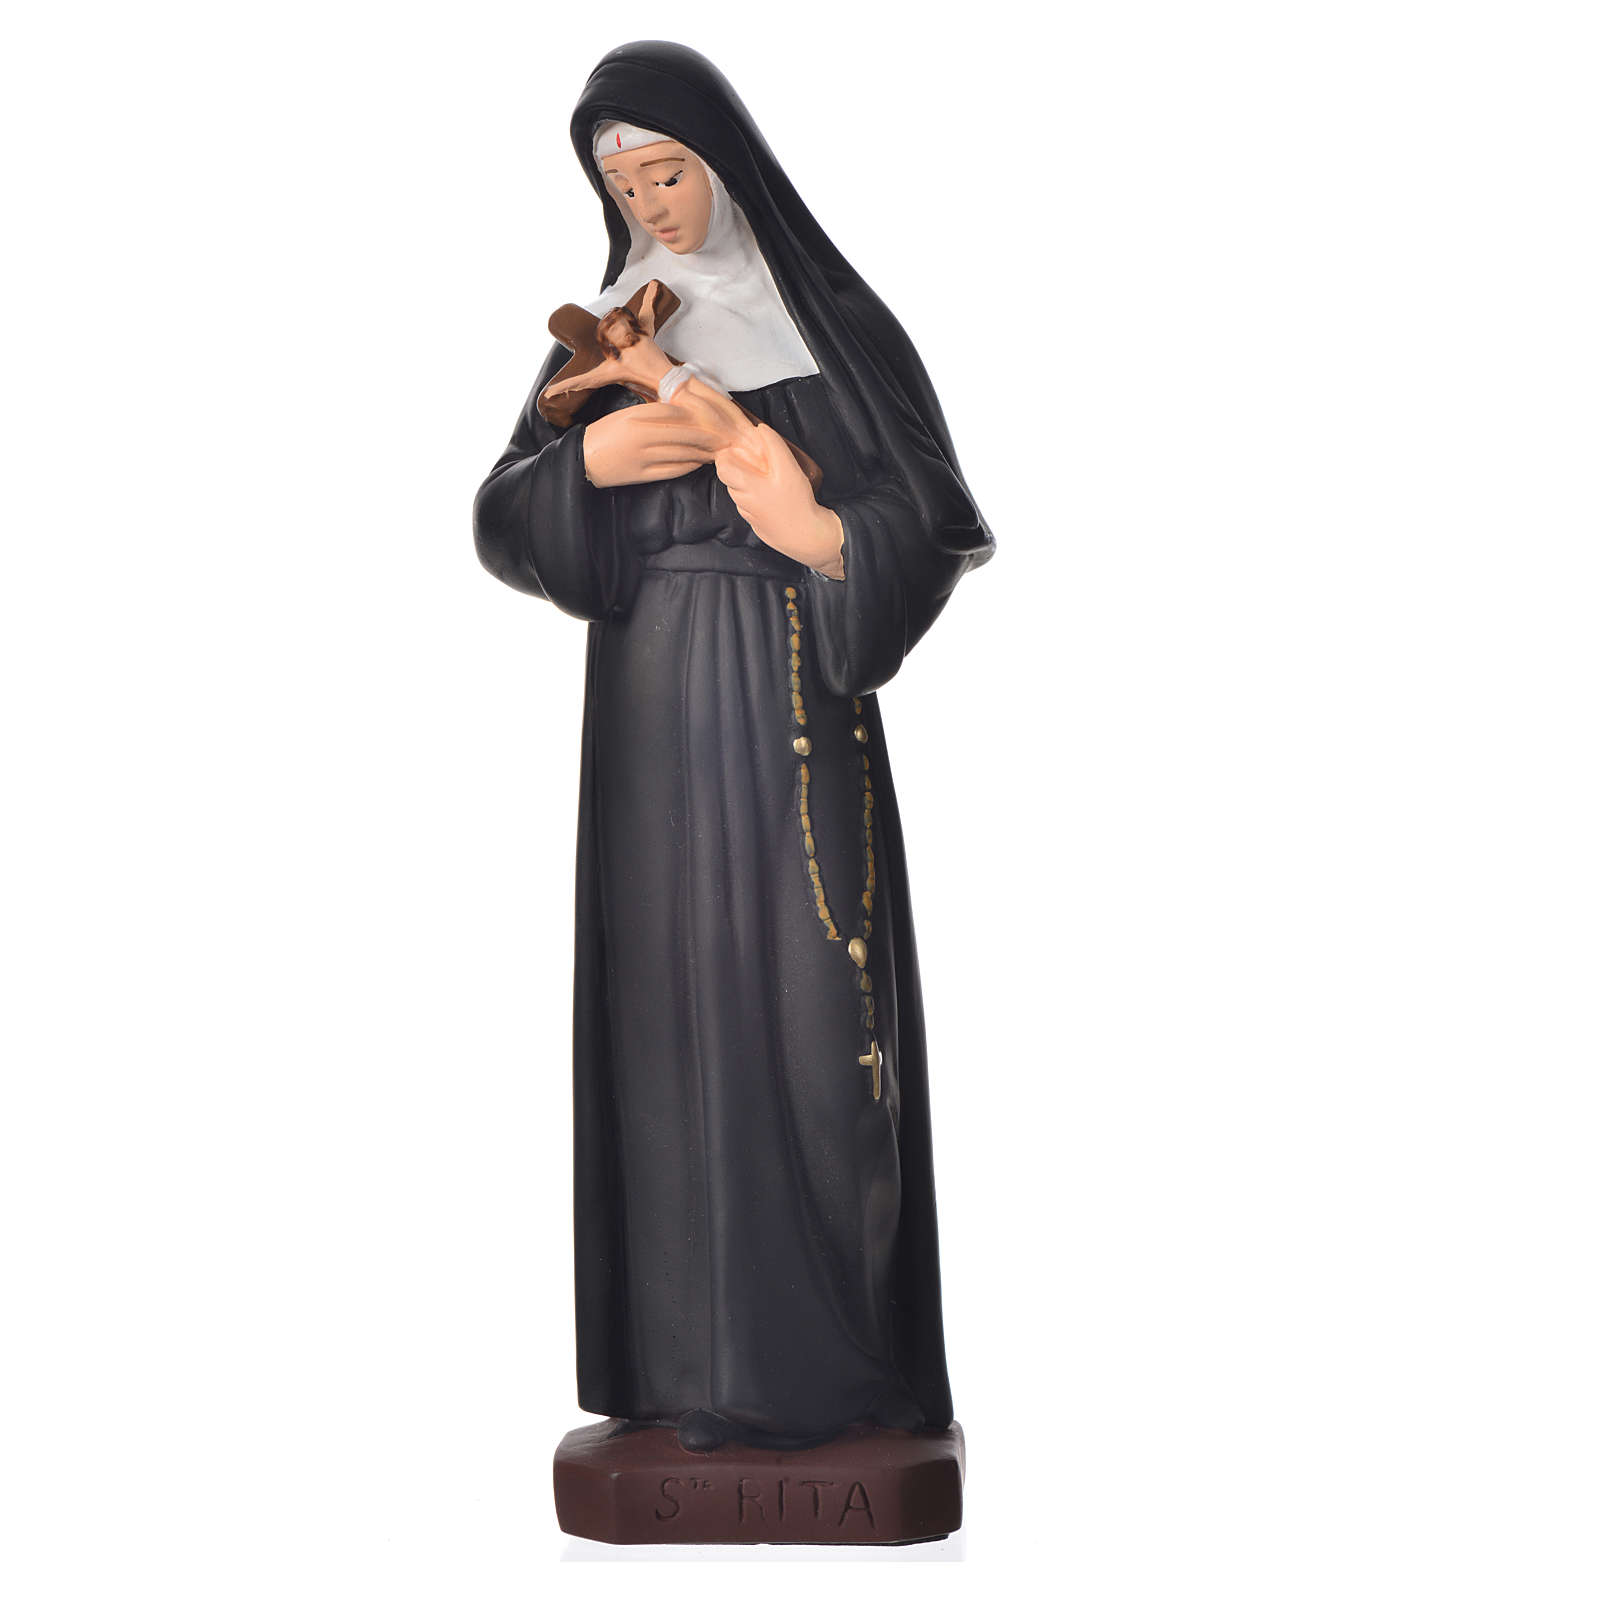 Statua Santa Rita 30 cm materiale infrangibile 4